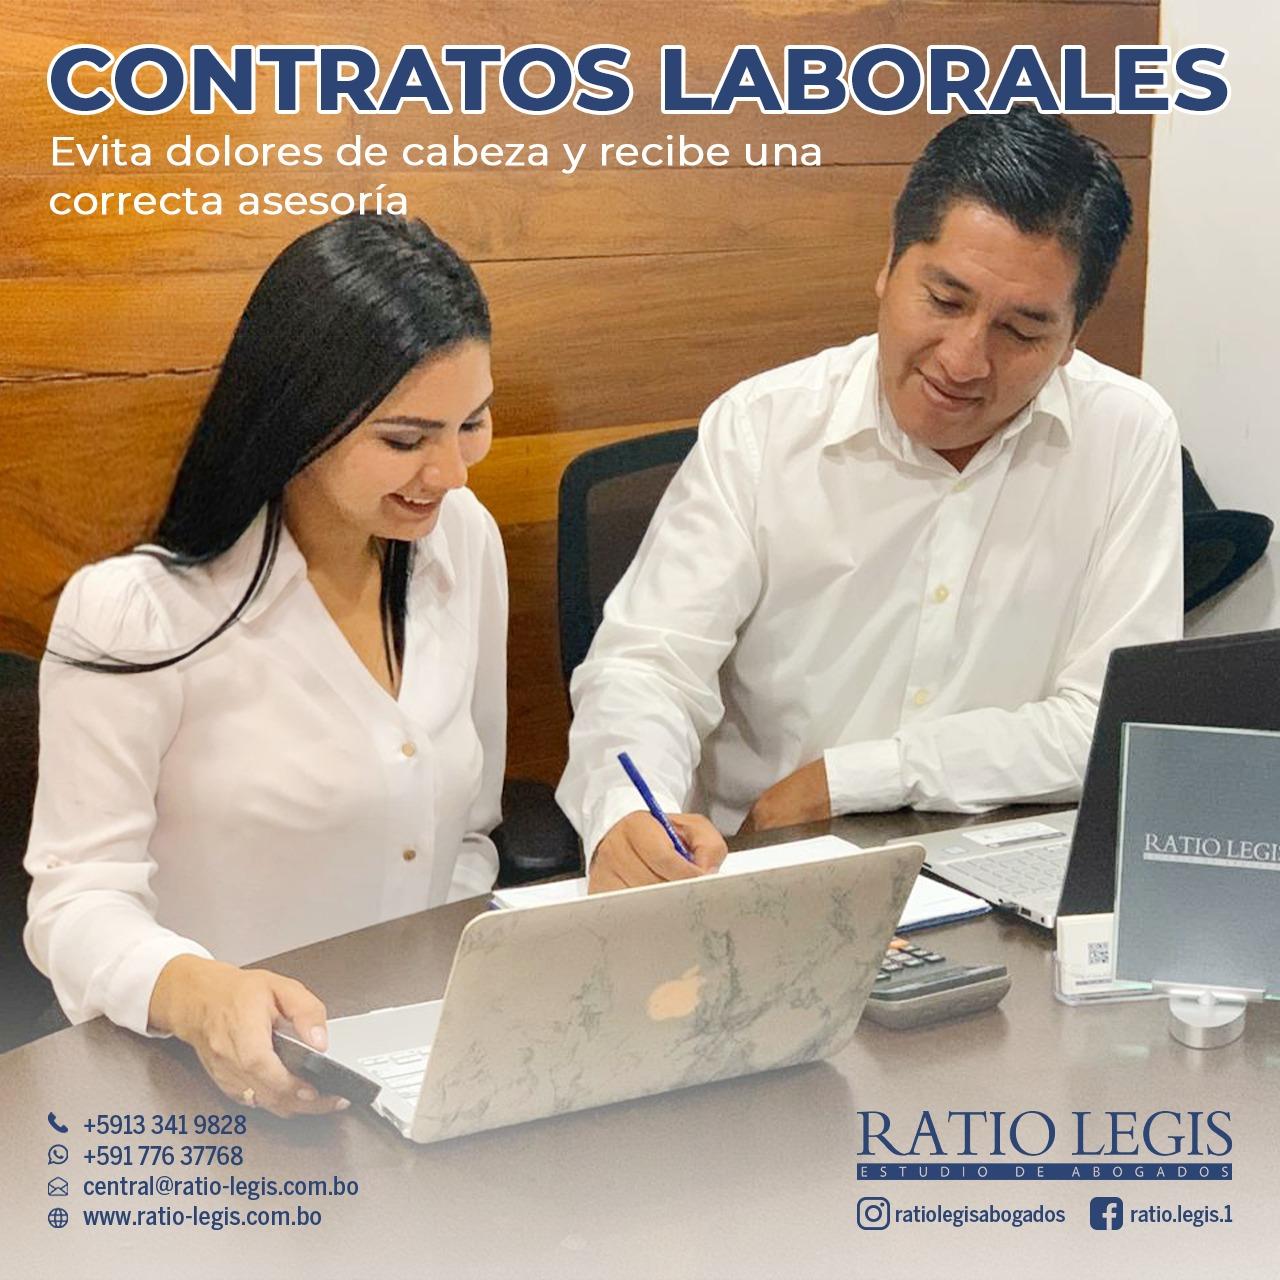 (Español) Contratos Laborales